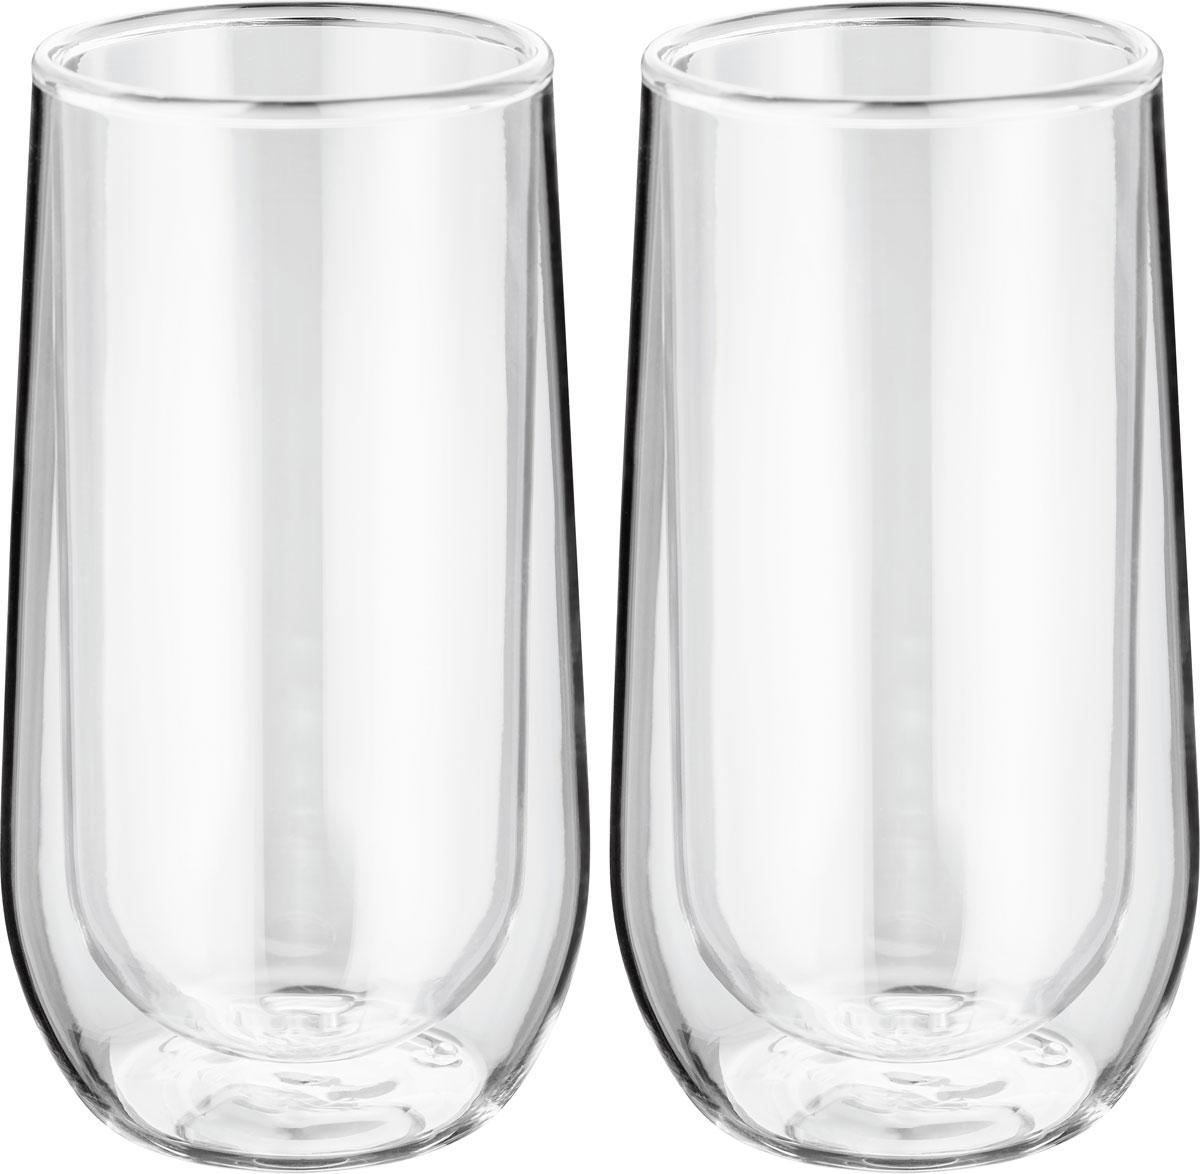 Стеклянная термопосуда с двойными стенками сохраняет температуру напитка, не обжигает руки. Холодные напитки остаются холодными без дополнительного охлаждения. На стаканах не образуется конденсат. Футуристический дизайн. Закалённое стекло - устойчиво к царапинам и перепадам температур (от 0 до 100 гр. С).